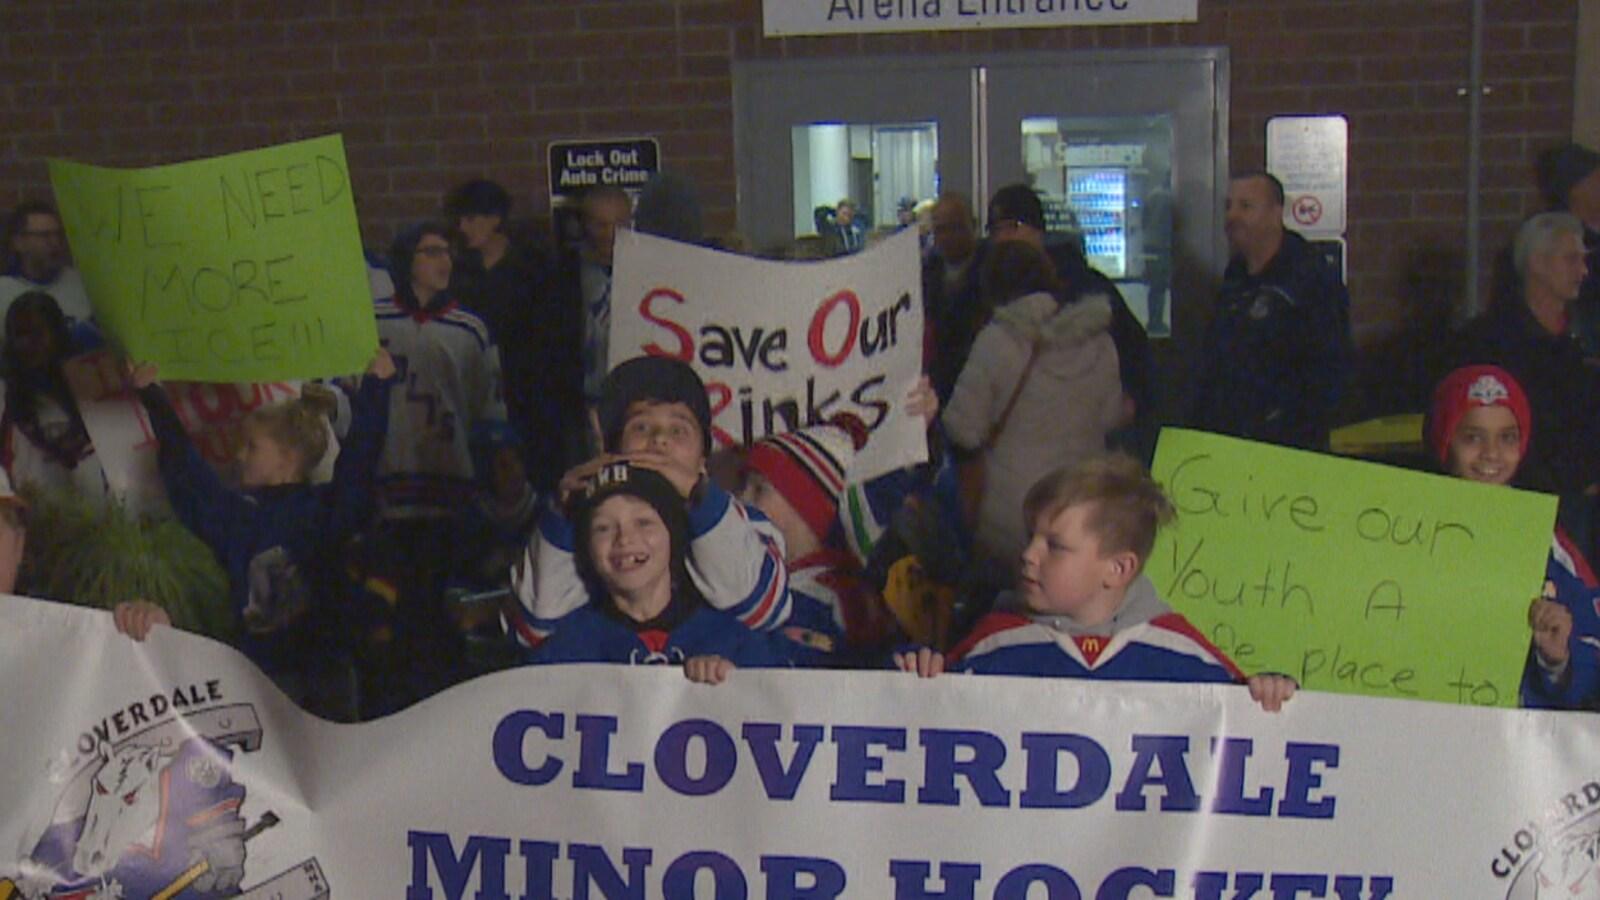 Des enfants souriants et portant des chandails de hockey tiennent une bannière portant le nom de l'association de hockey pour enfants de Cloverdale.